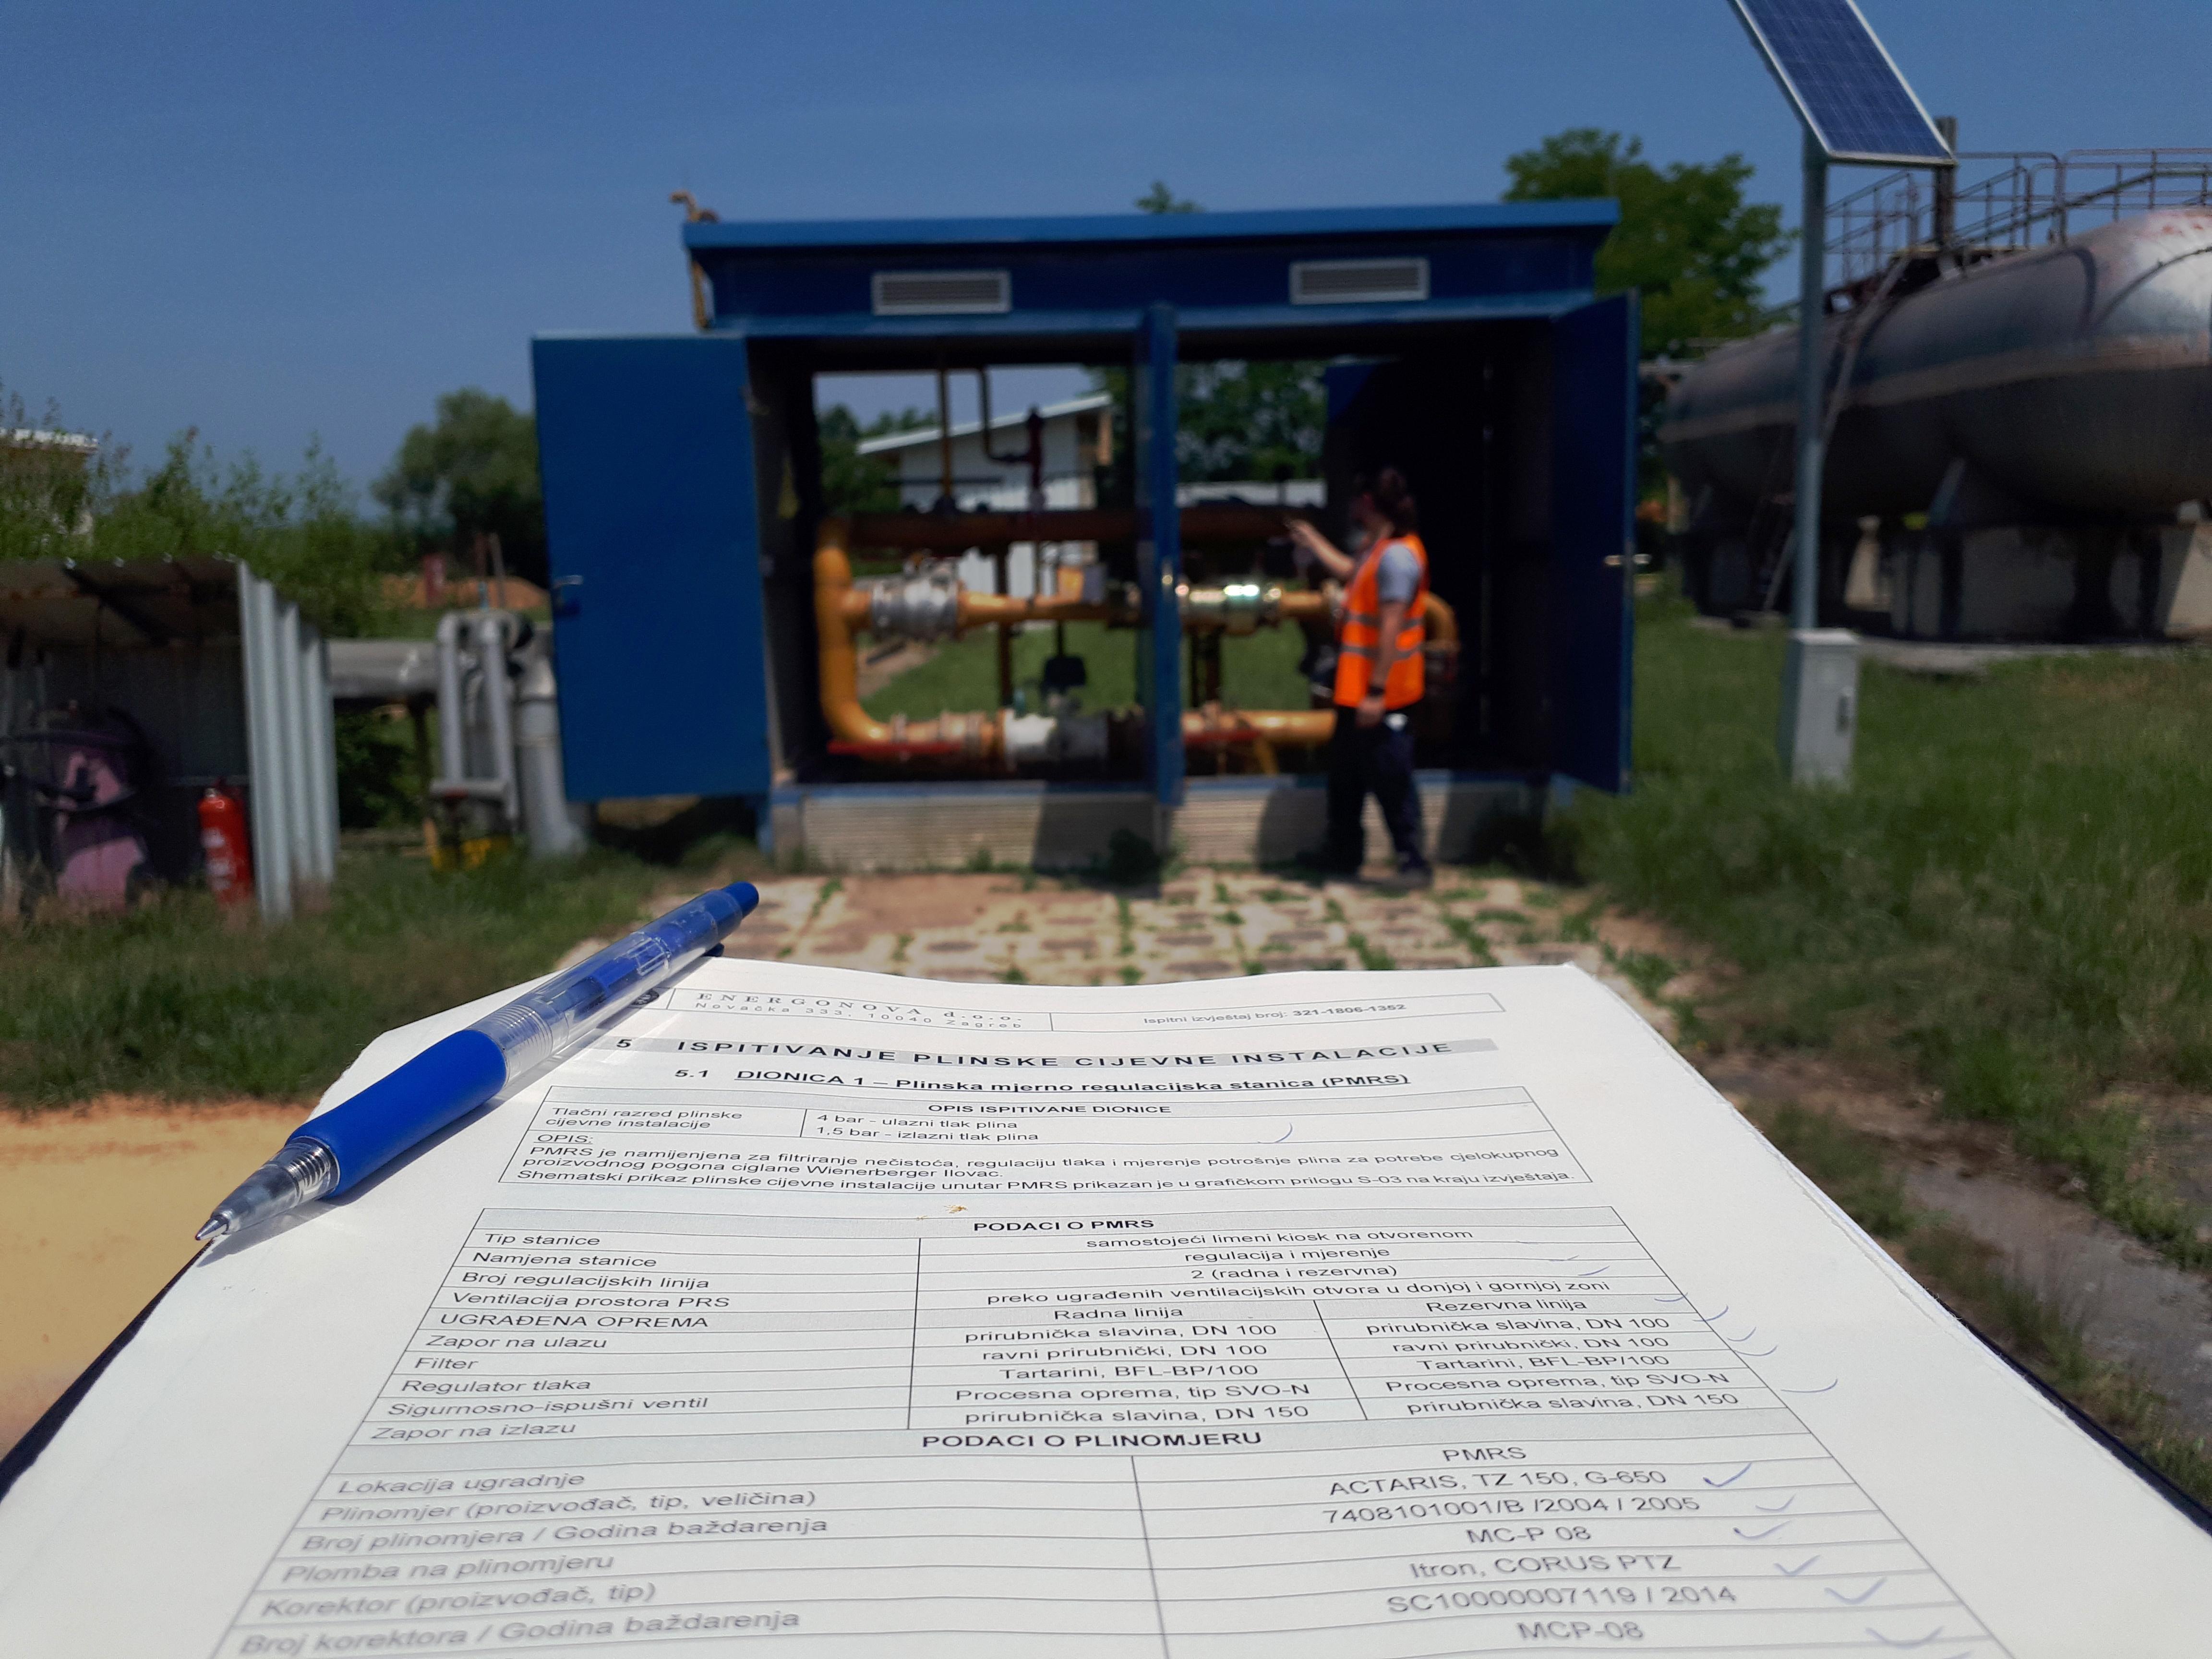 Ispitivanje plinskih instlacija